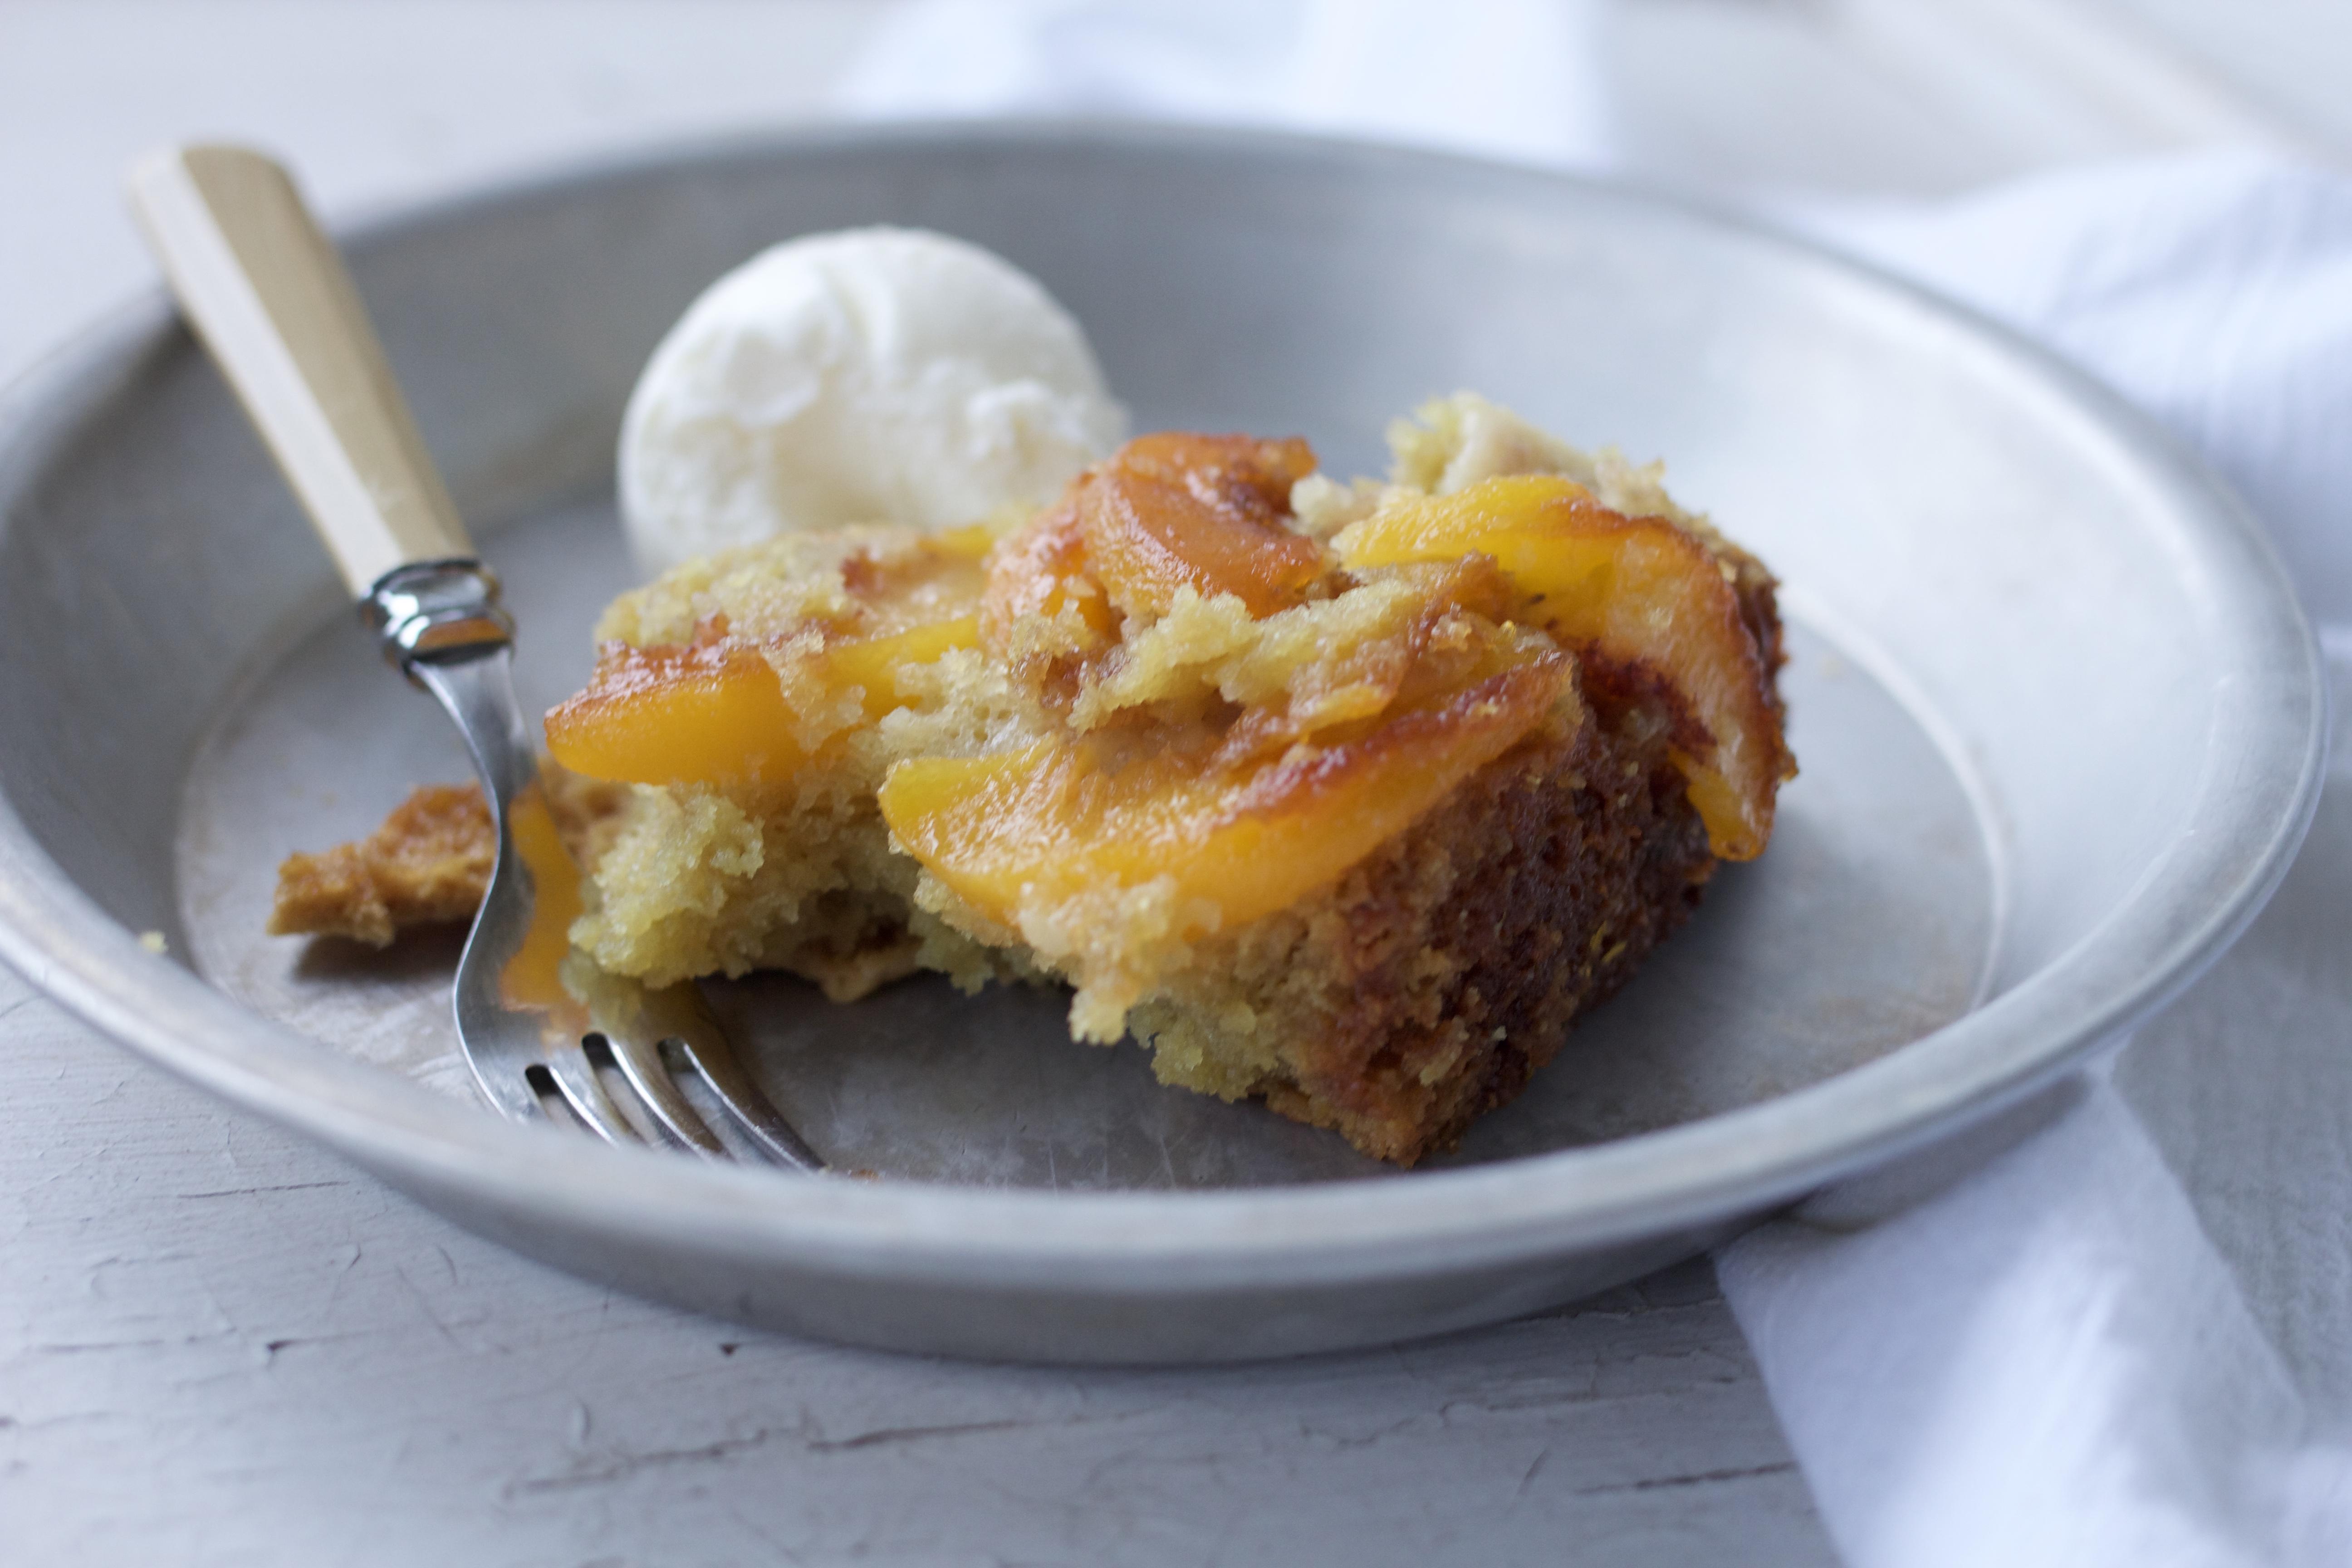 Dutch Oven Upside Down Peach Cake